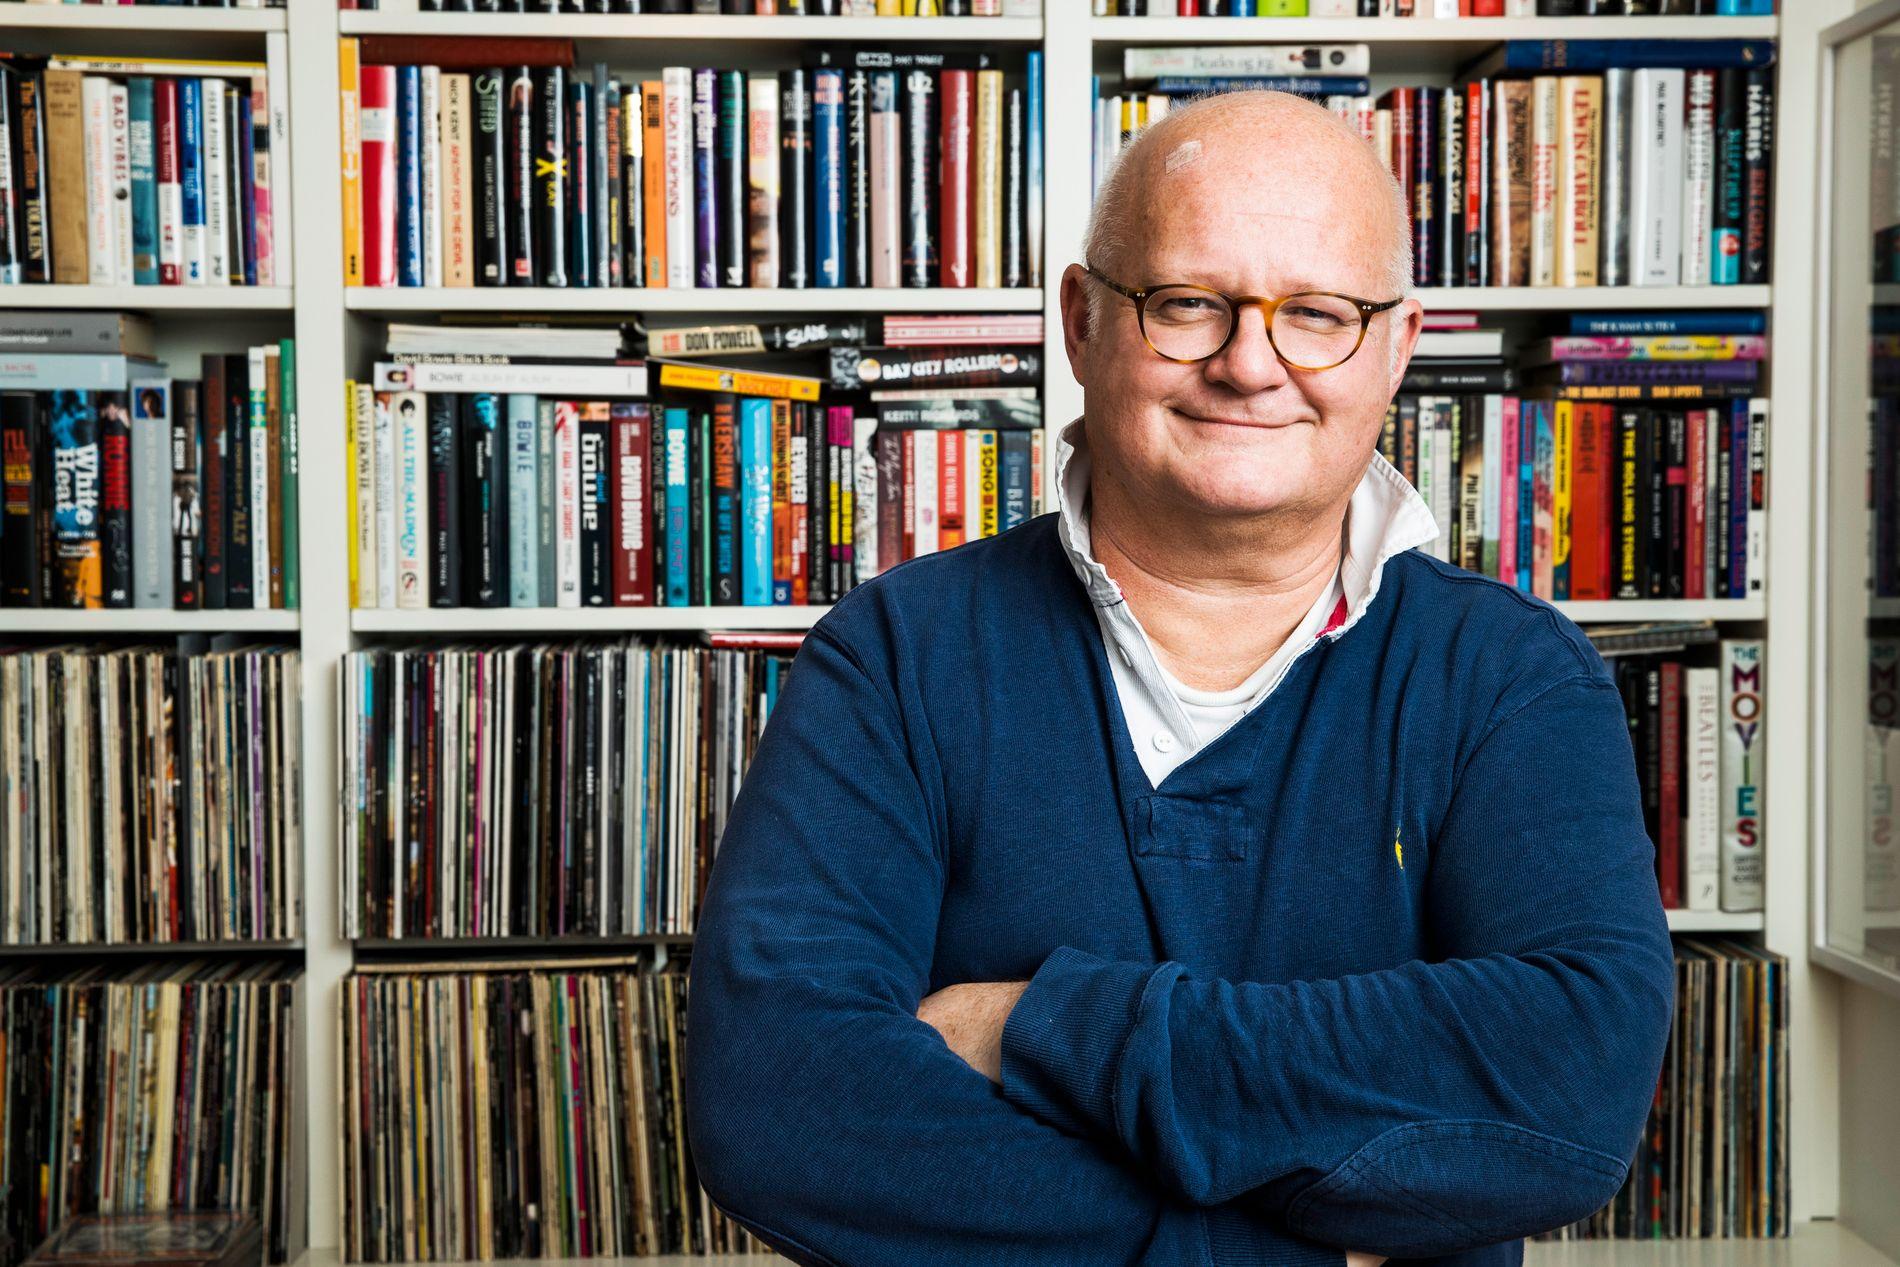 VIL STOPPE BJELKE: NRK vil stoppe Finn Bjelkes nye program på Radio Vinyl fordi det er for likt «Popquiz» som Bjelke ledet på NRK.